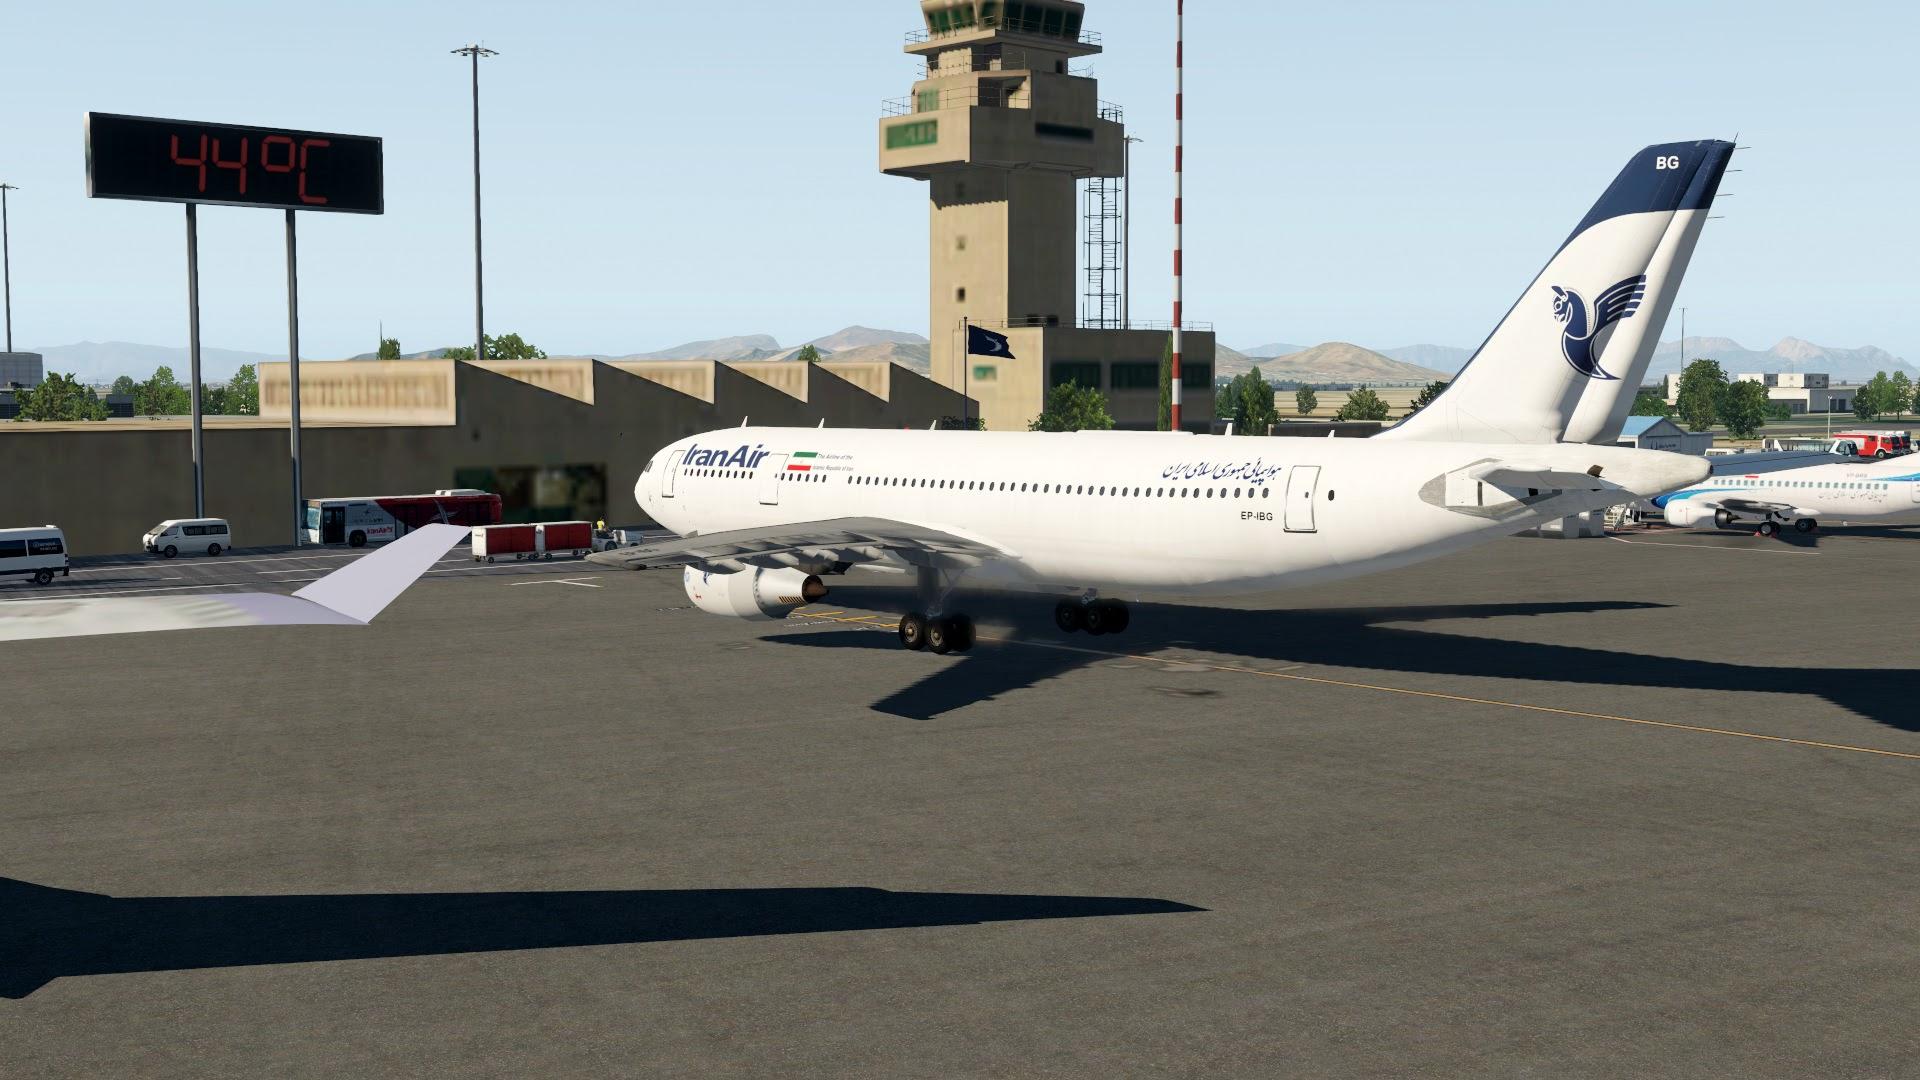 X-Plane 2021-08-21 20-07-00